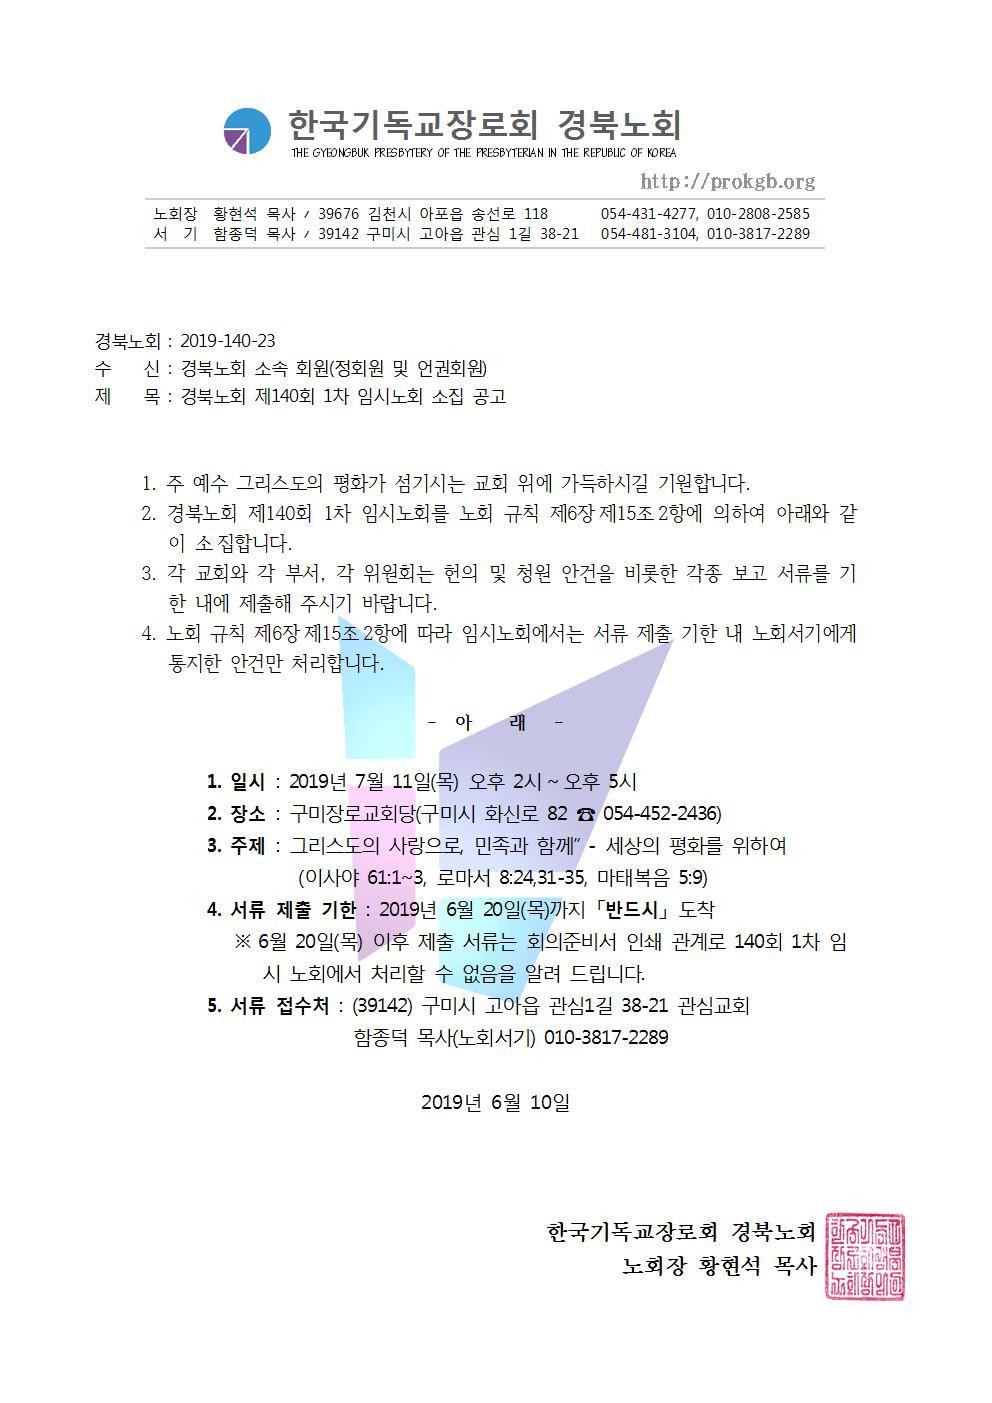 경북노회 140회 1차 임시노회001.jpg